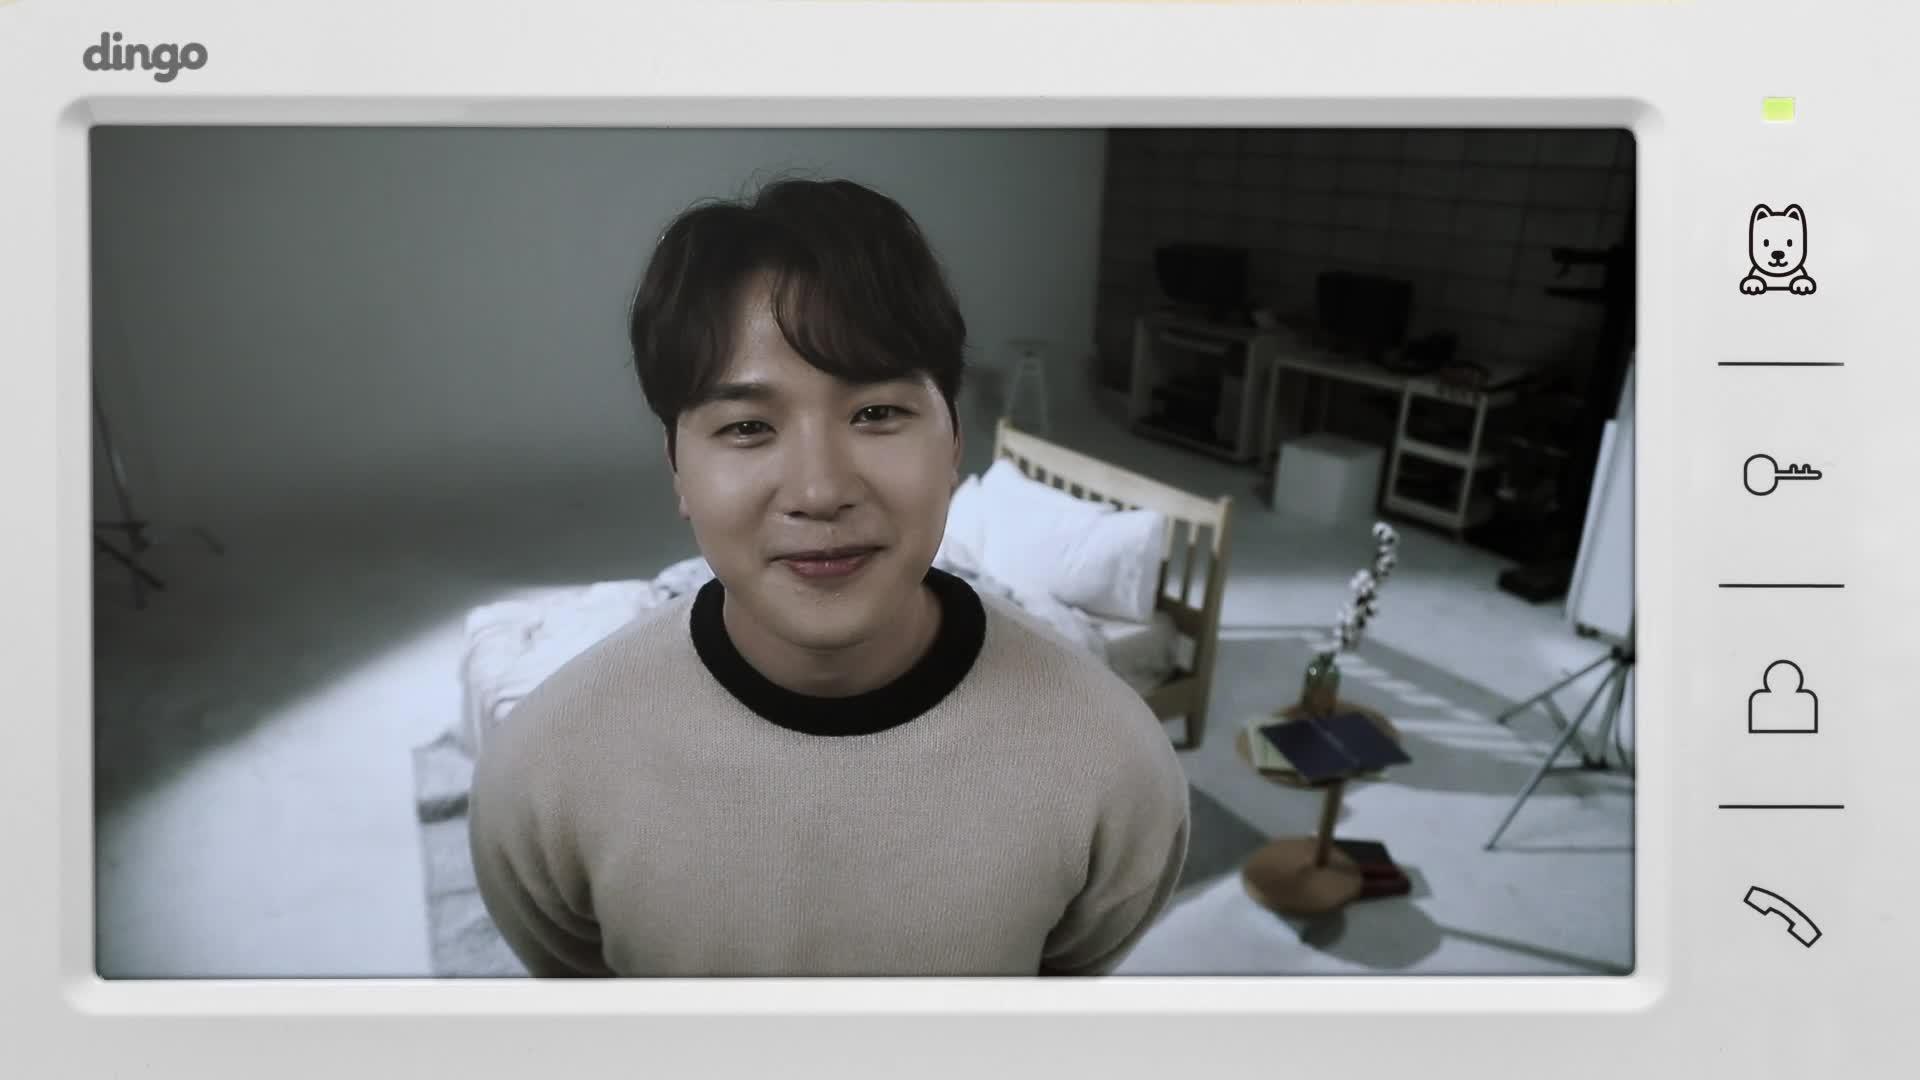 [teaser] 🎄크리스마스 이브에 '김민석'이 멍뭉이 같은 얼굴로 문을 두드린다면? ☃️